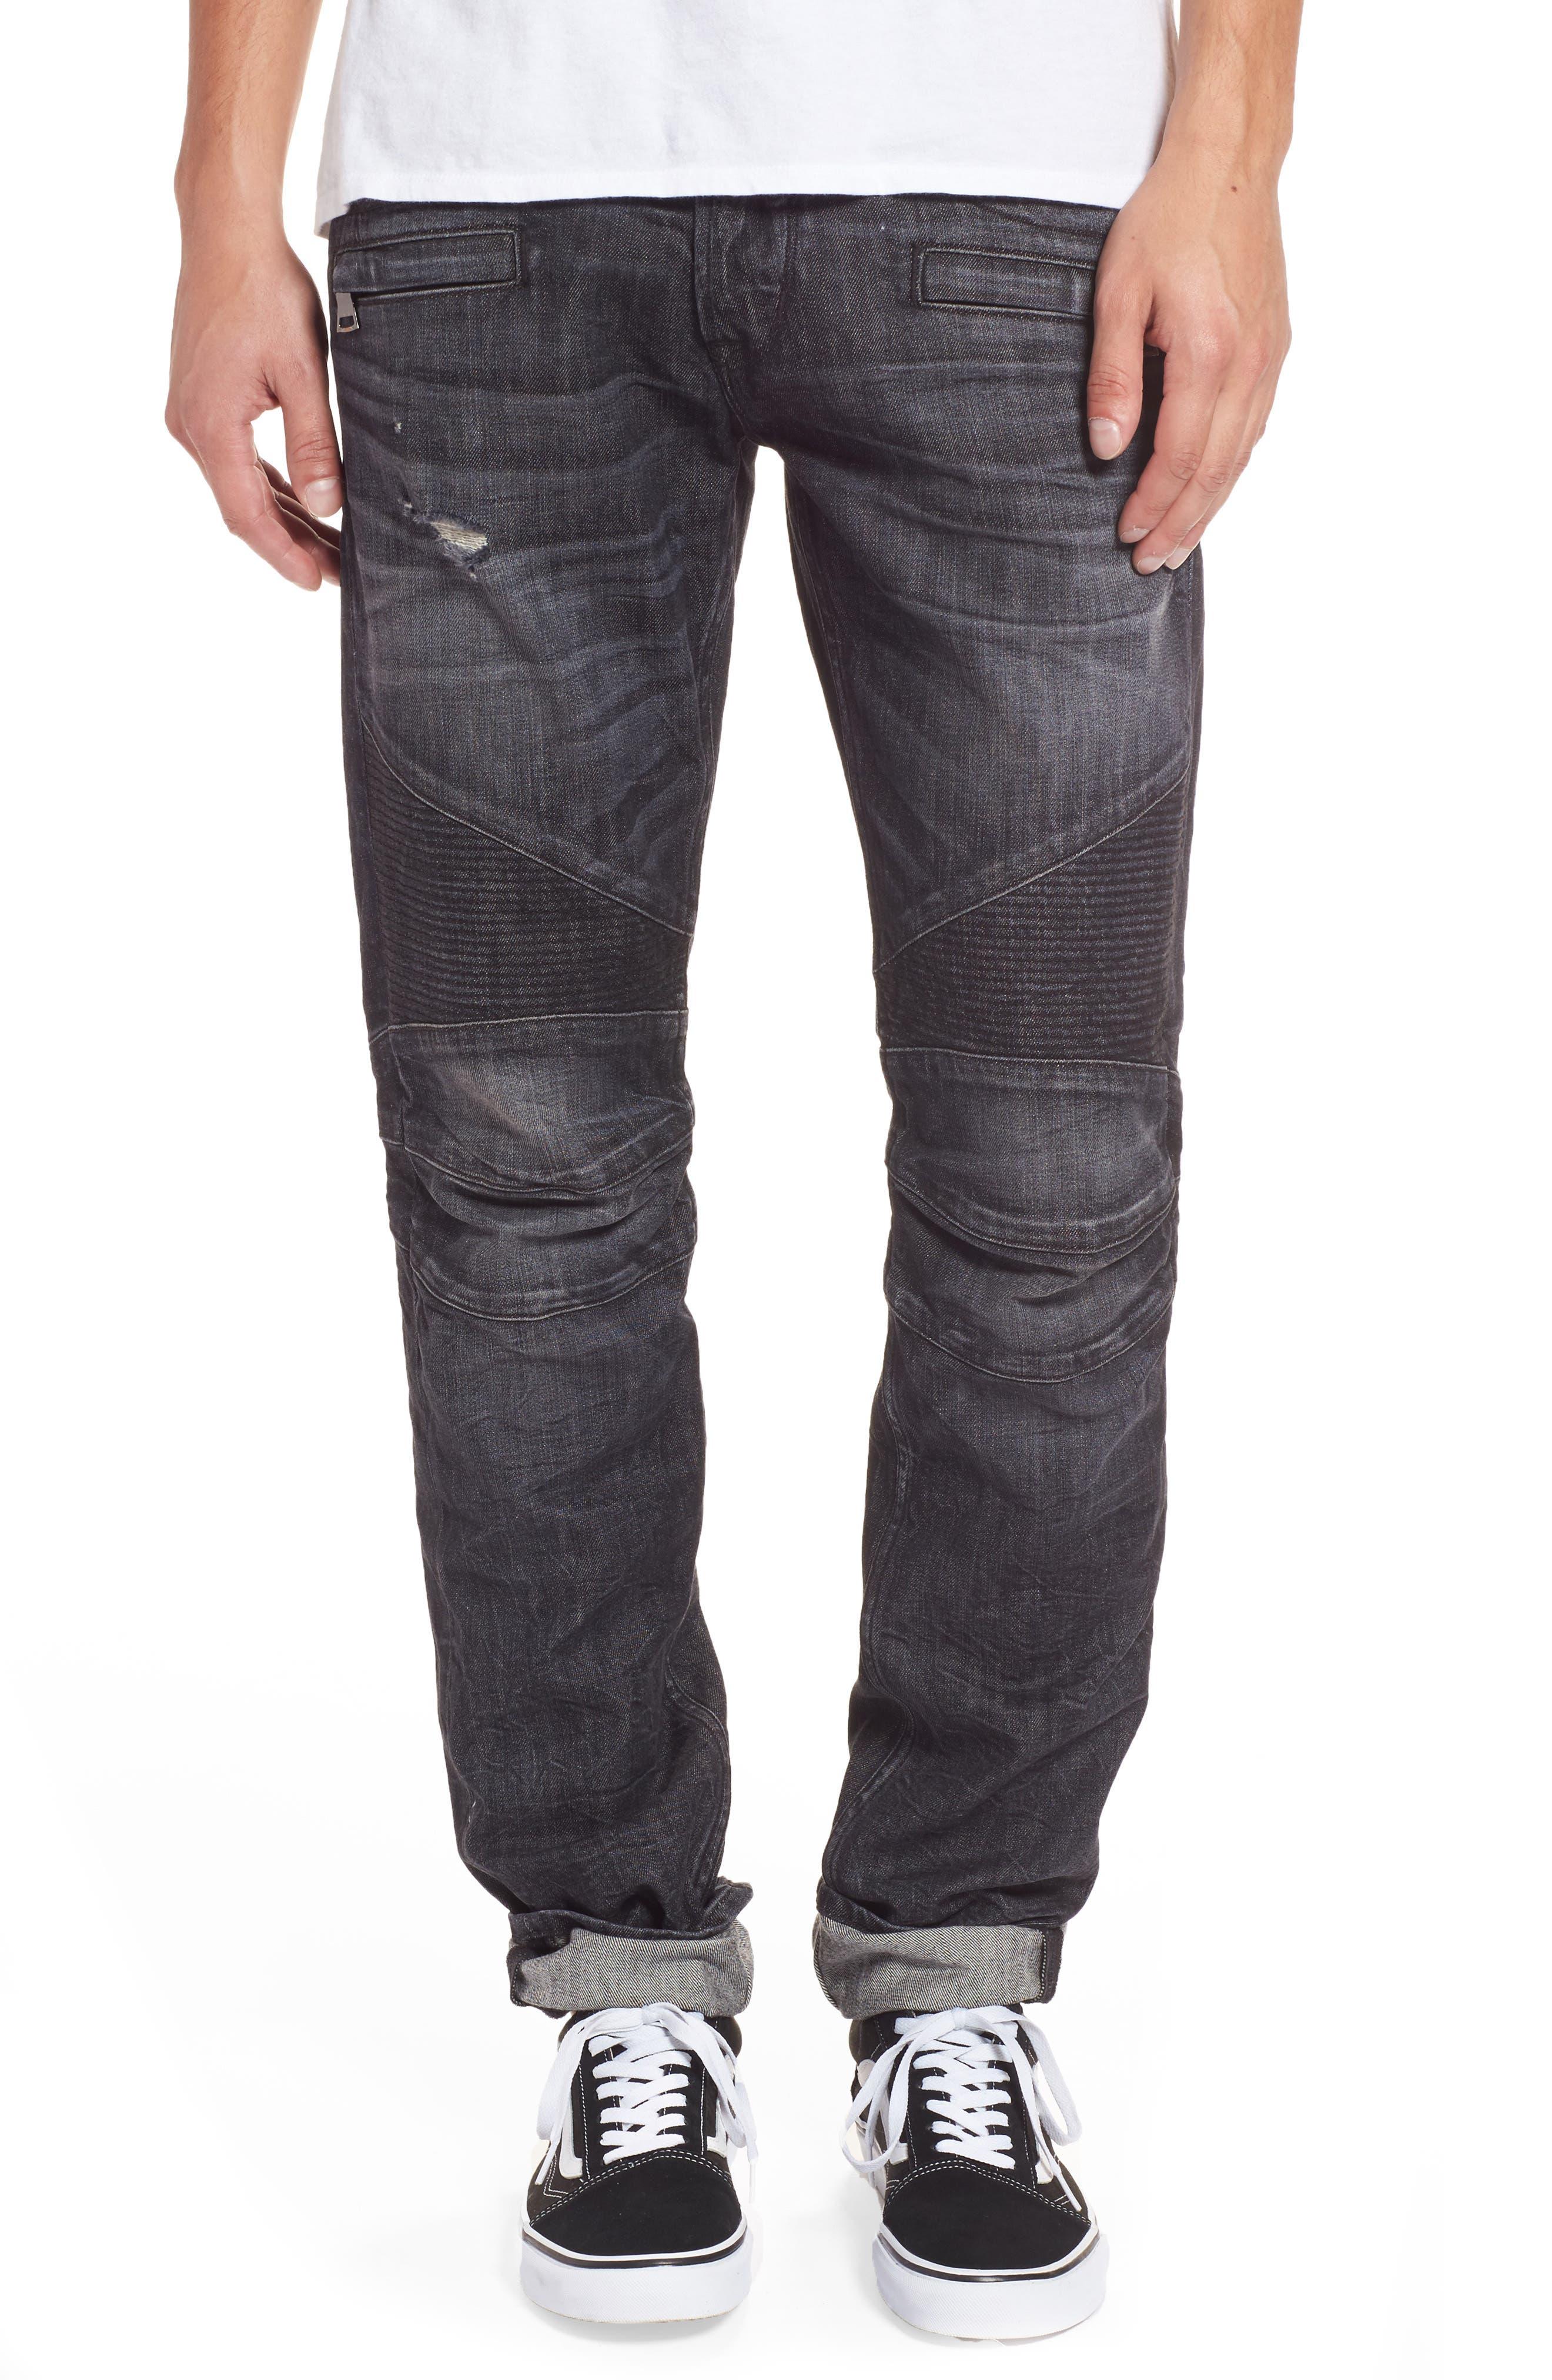 Blinder Biker Moto Skinny Fit Jeans,                         Main,                         color, 021